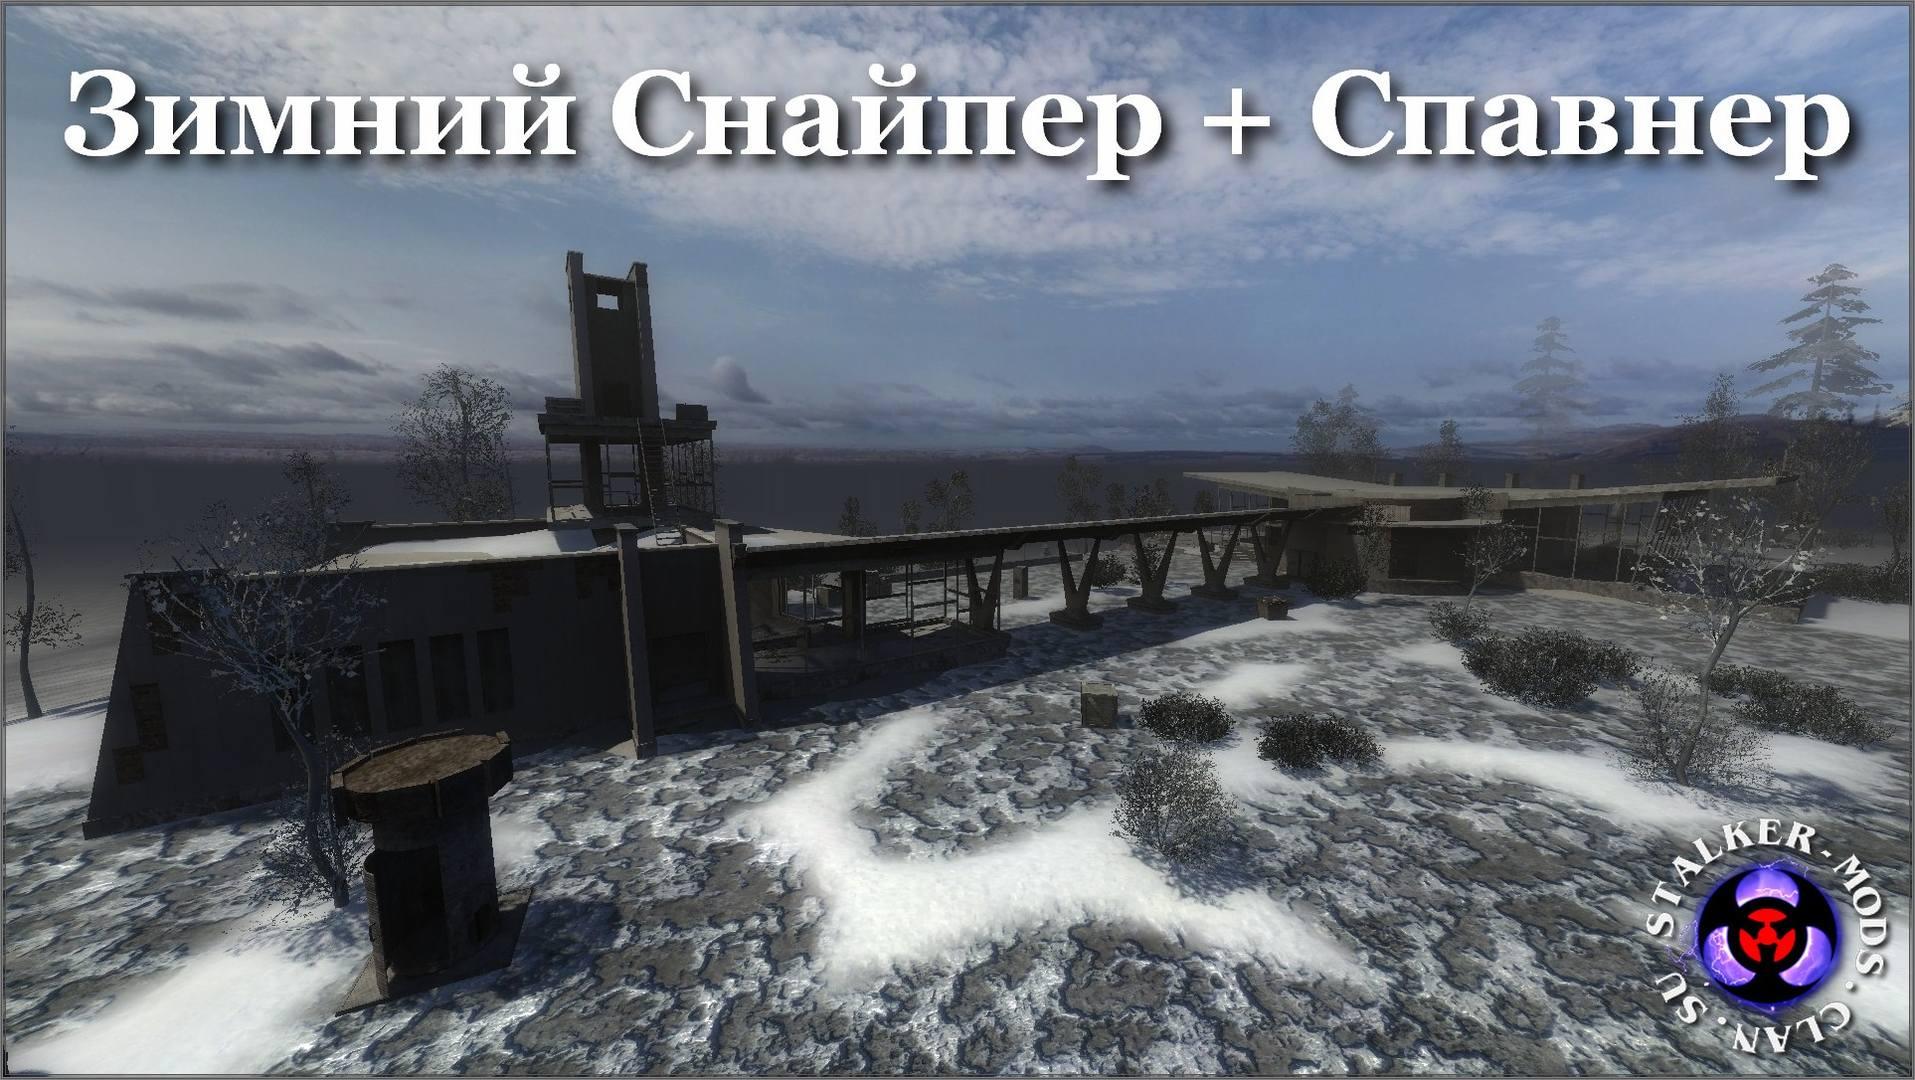 Зимний Снайпер + Спавнер